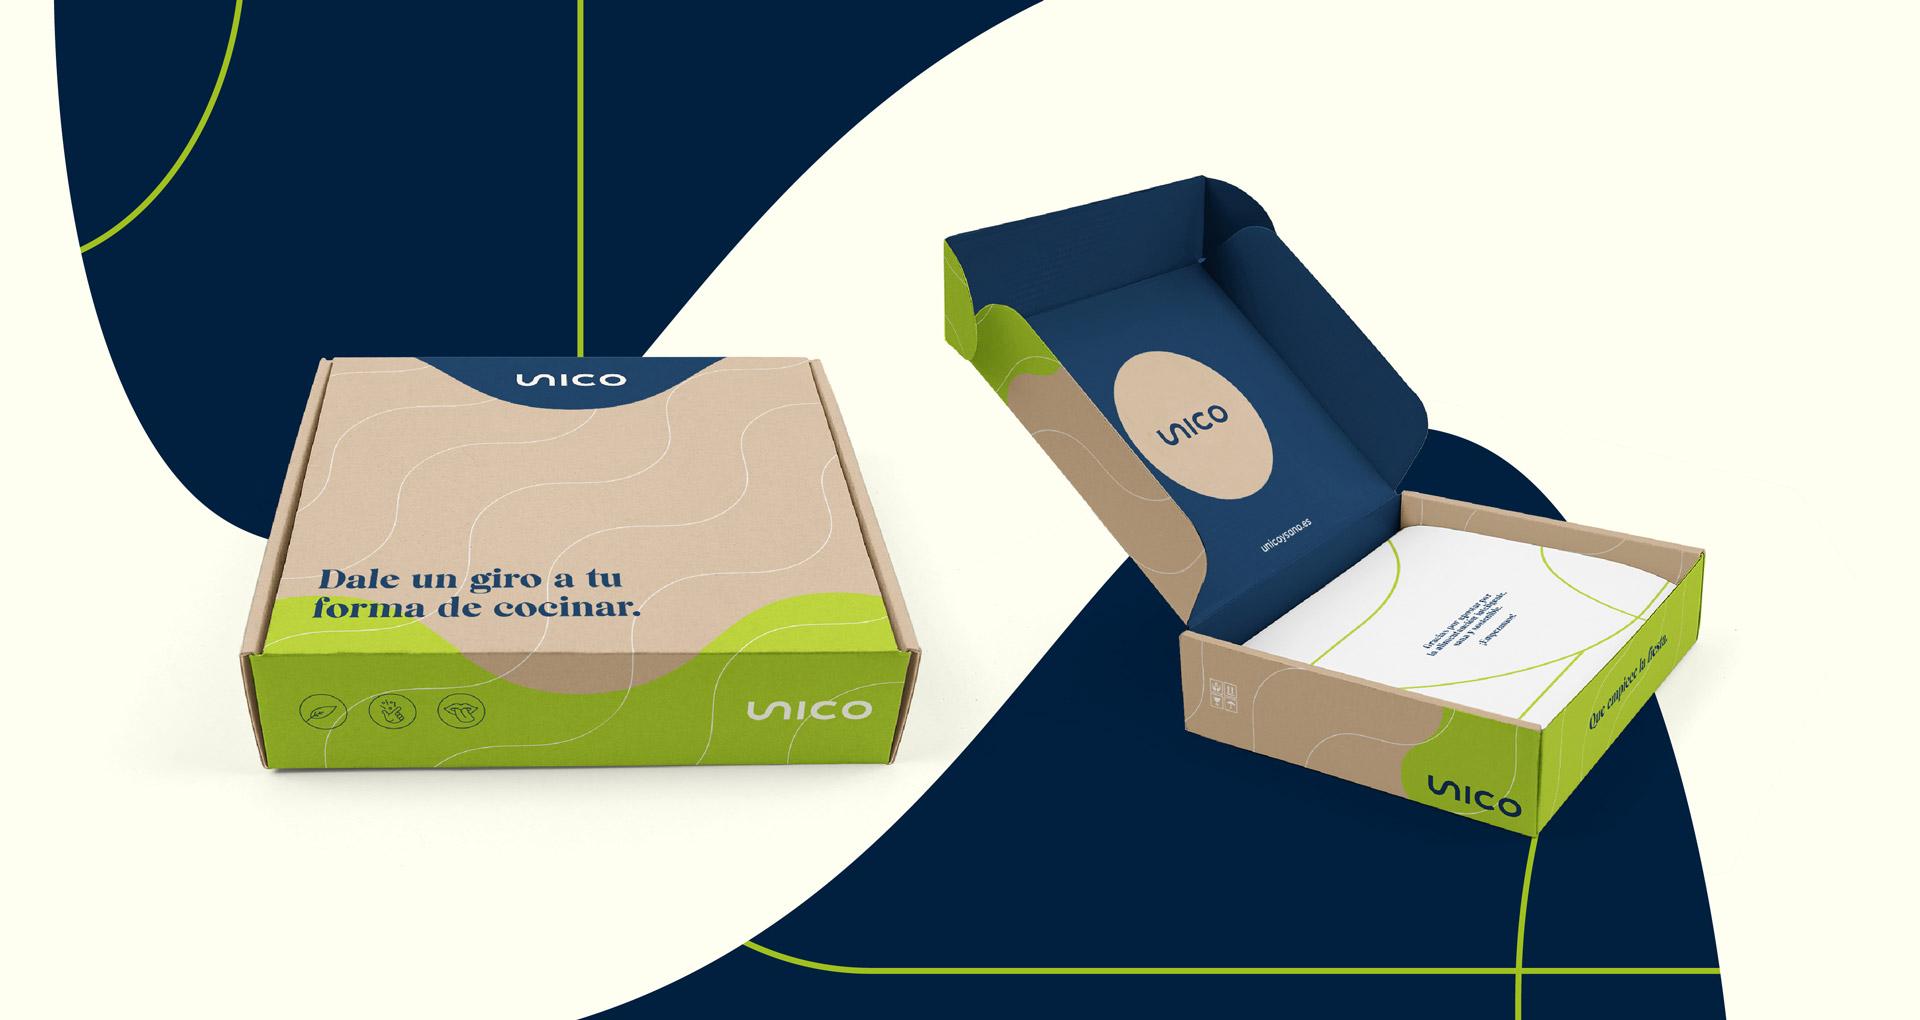 packaging unico identidad visual behind 1